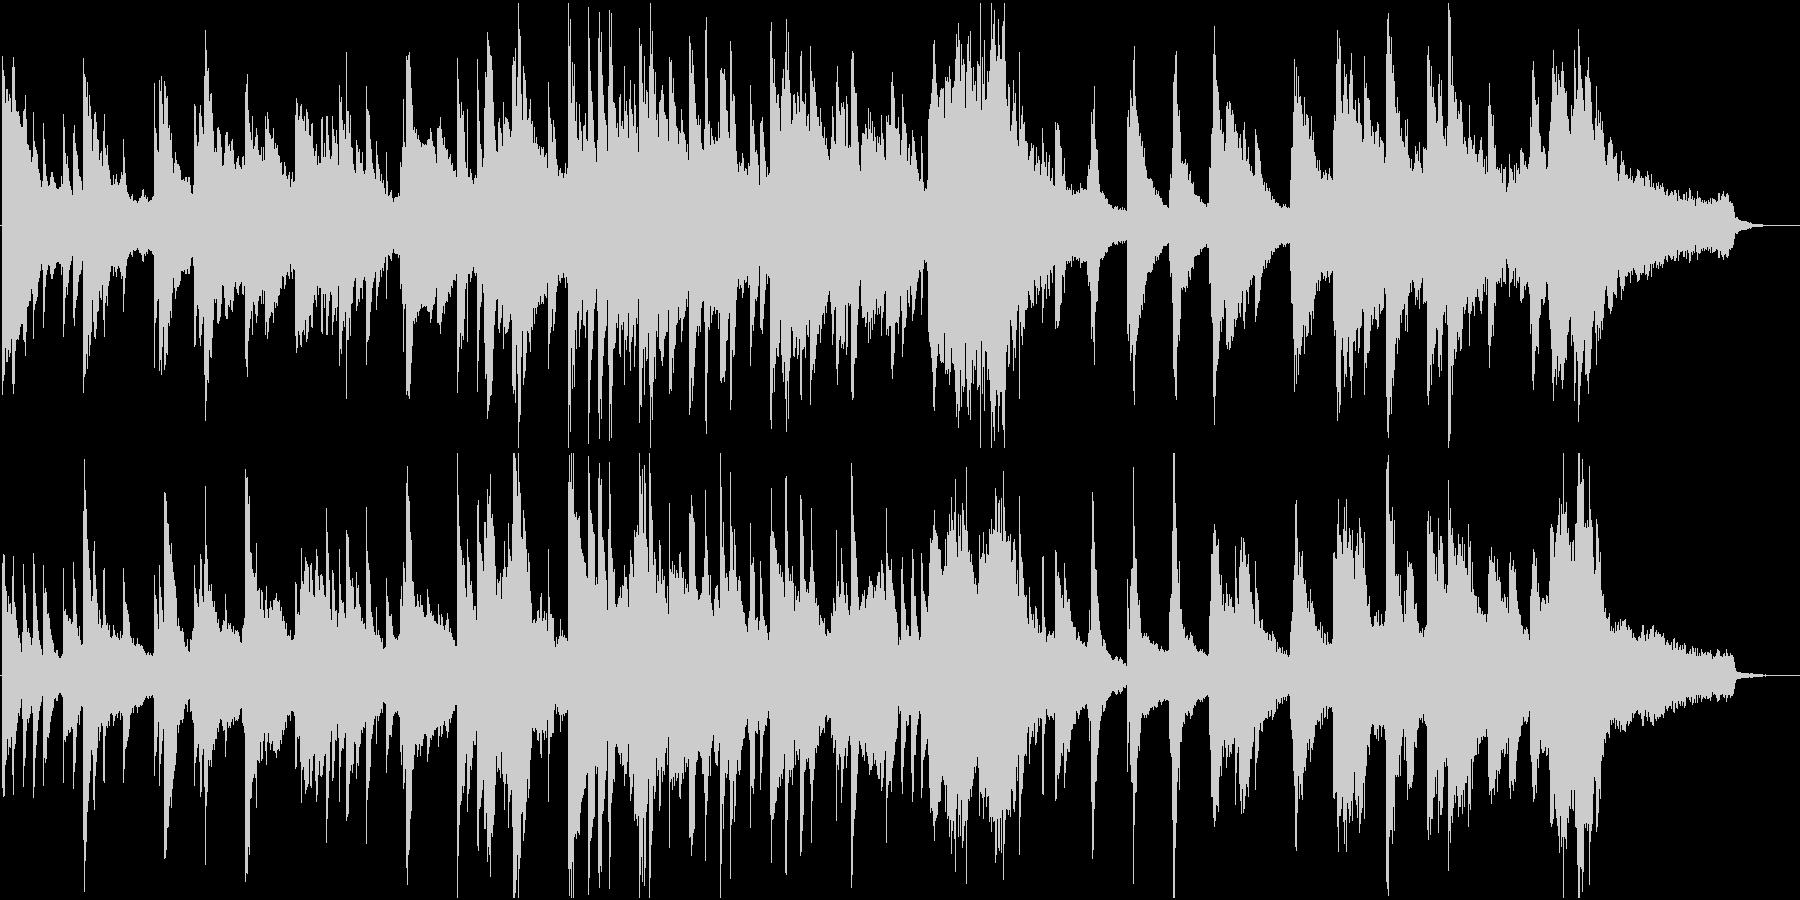 夜の光のような静かなピアノ楽曲の未再生の波形